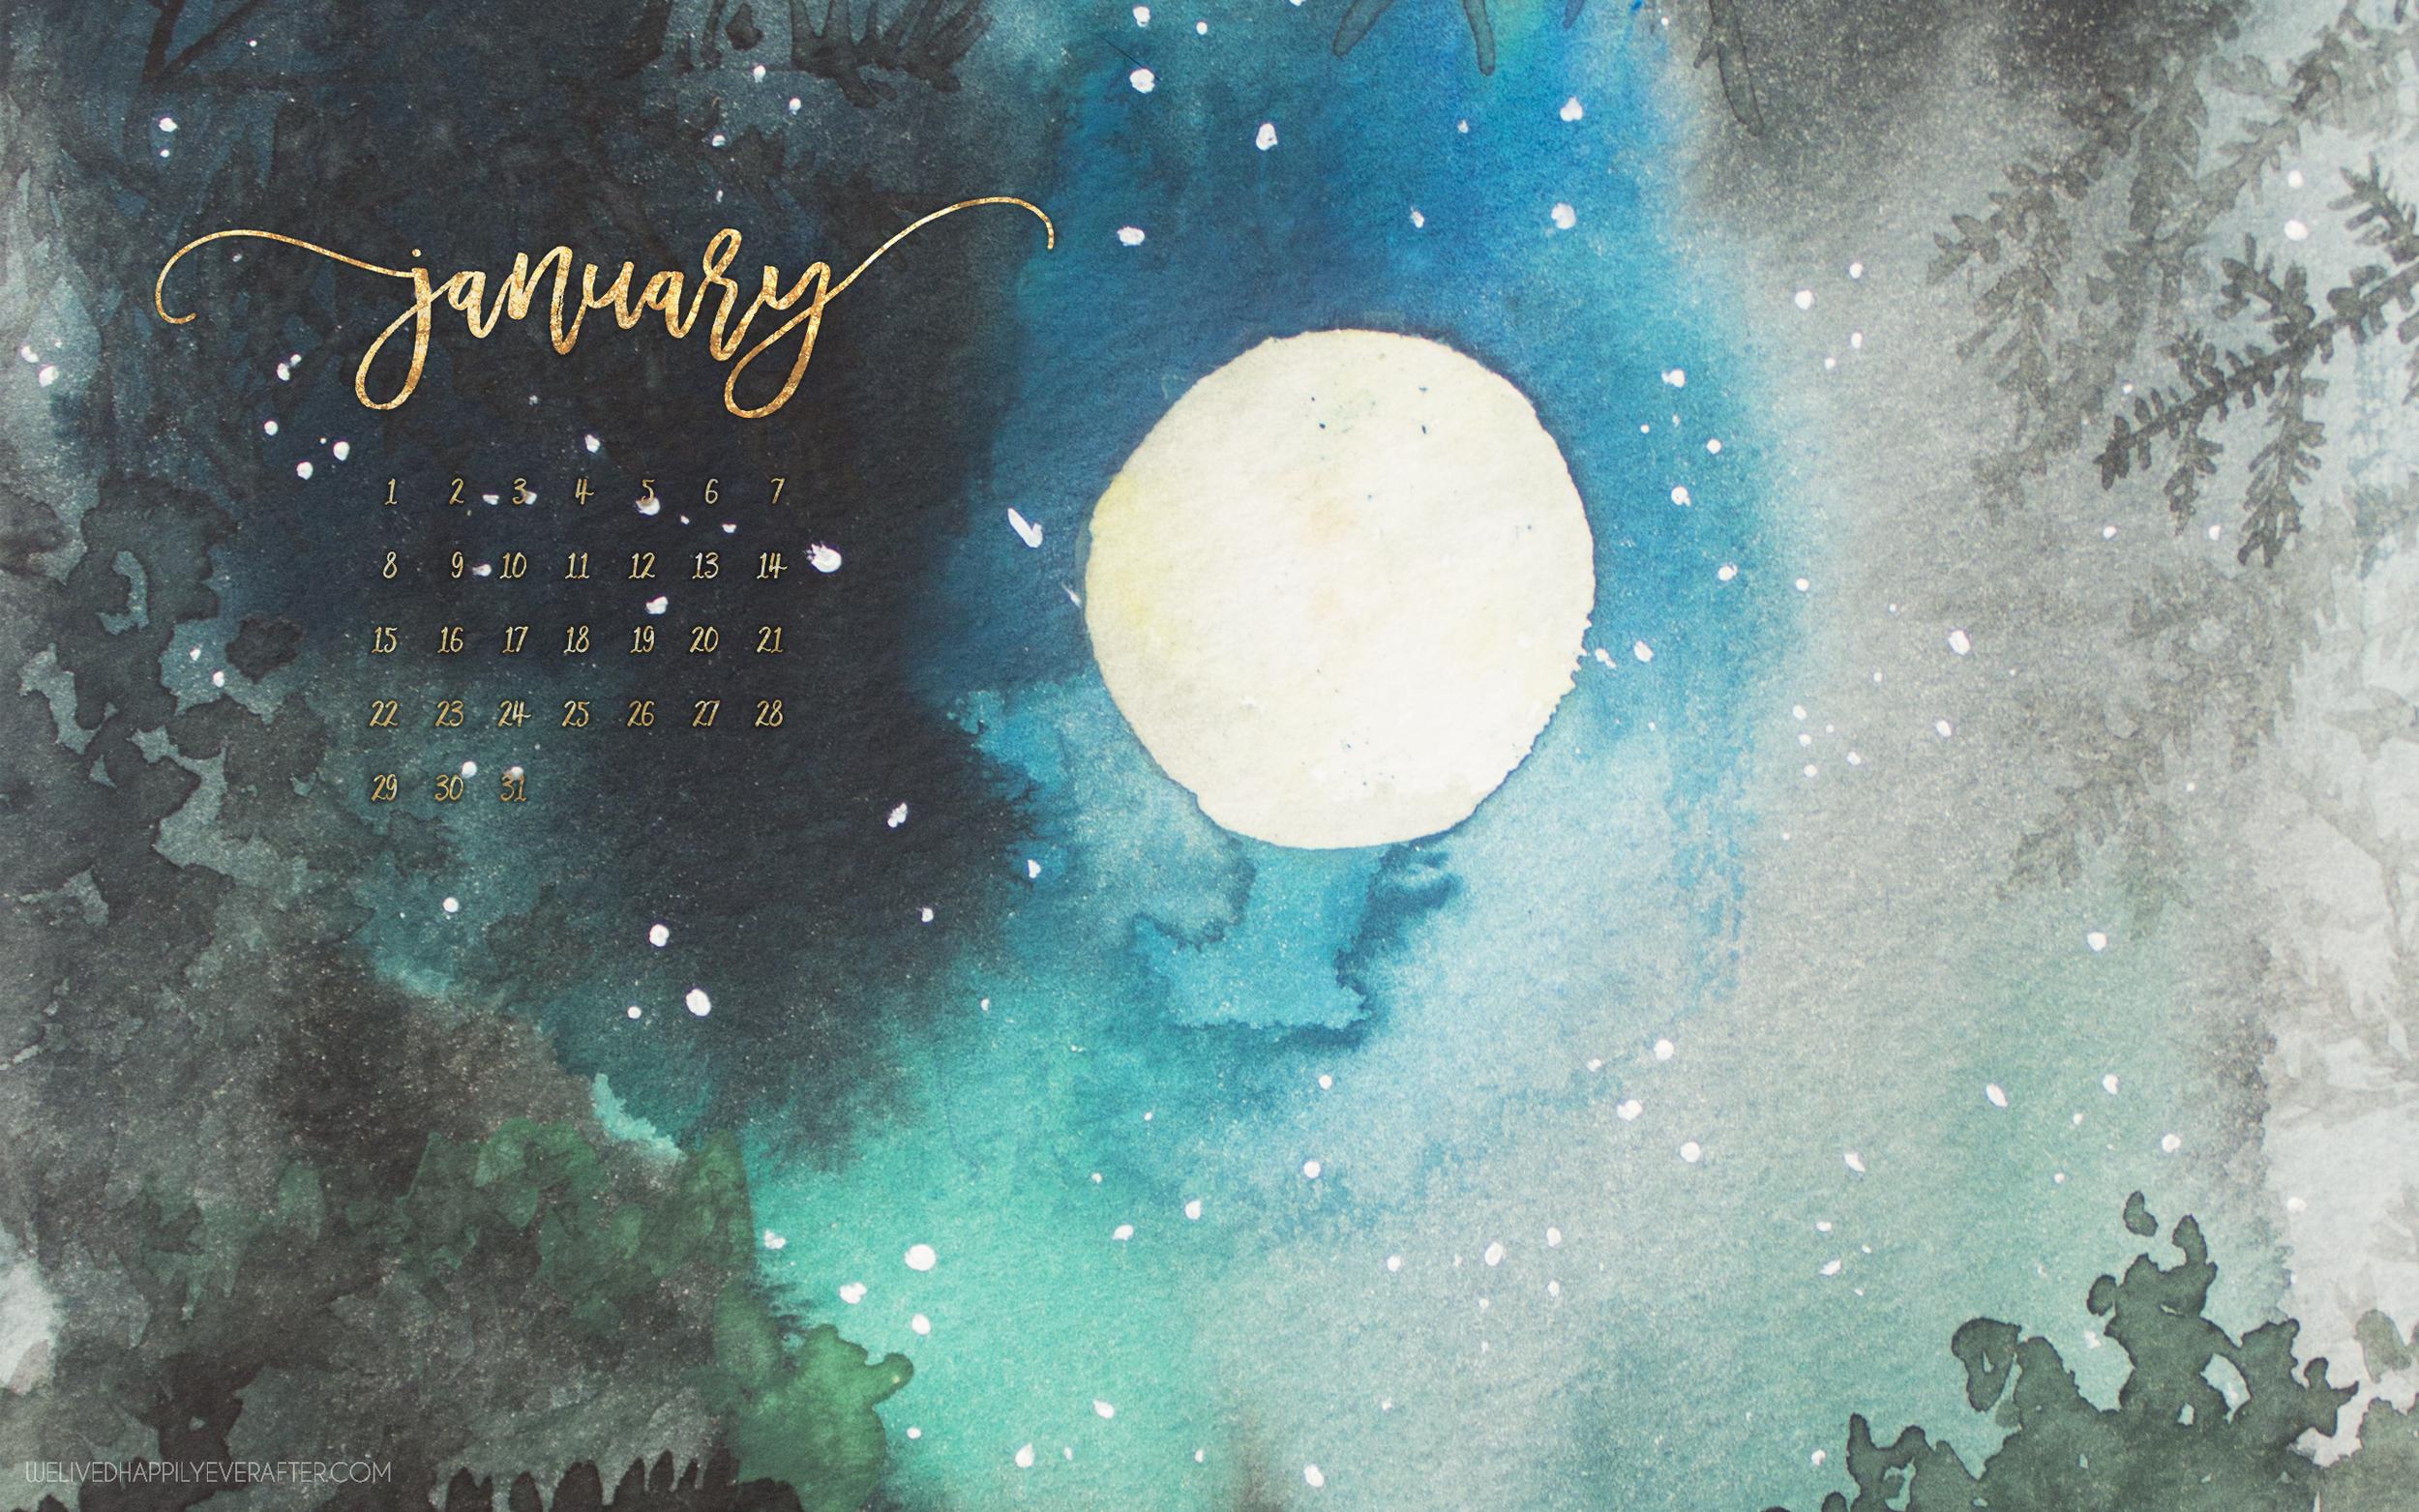 desktop calendar download from hannah hathaway( see below )